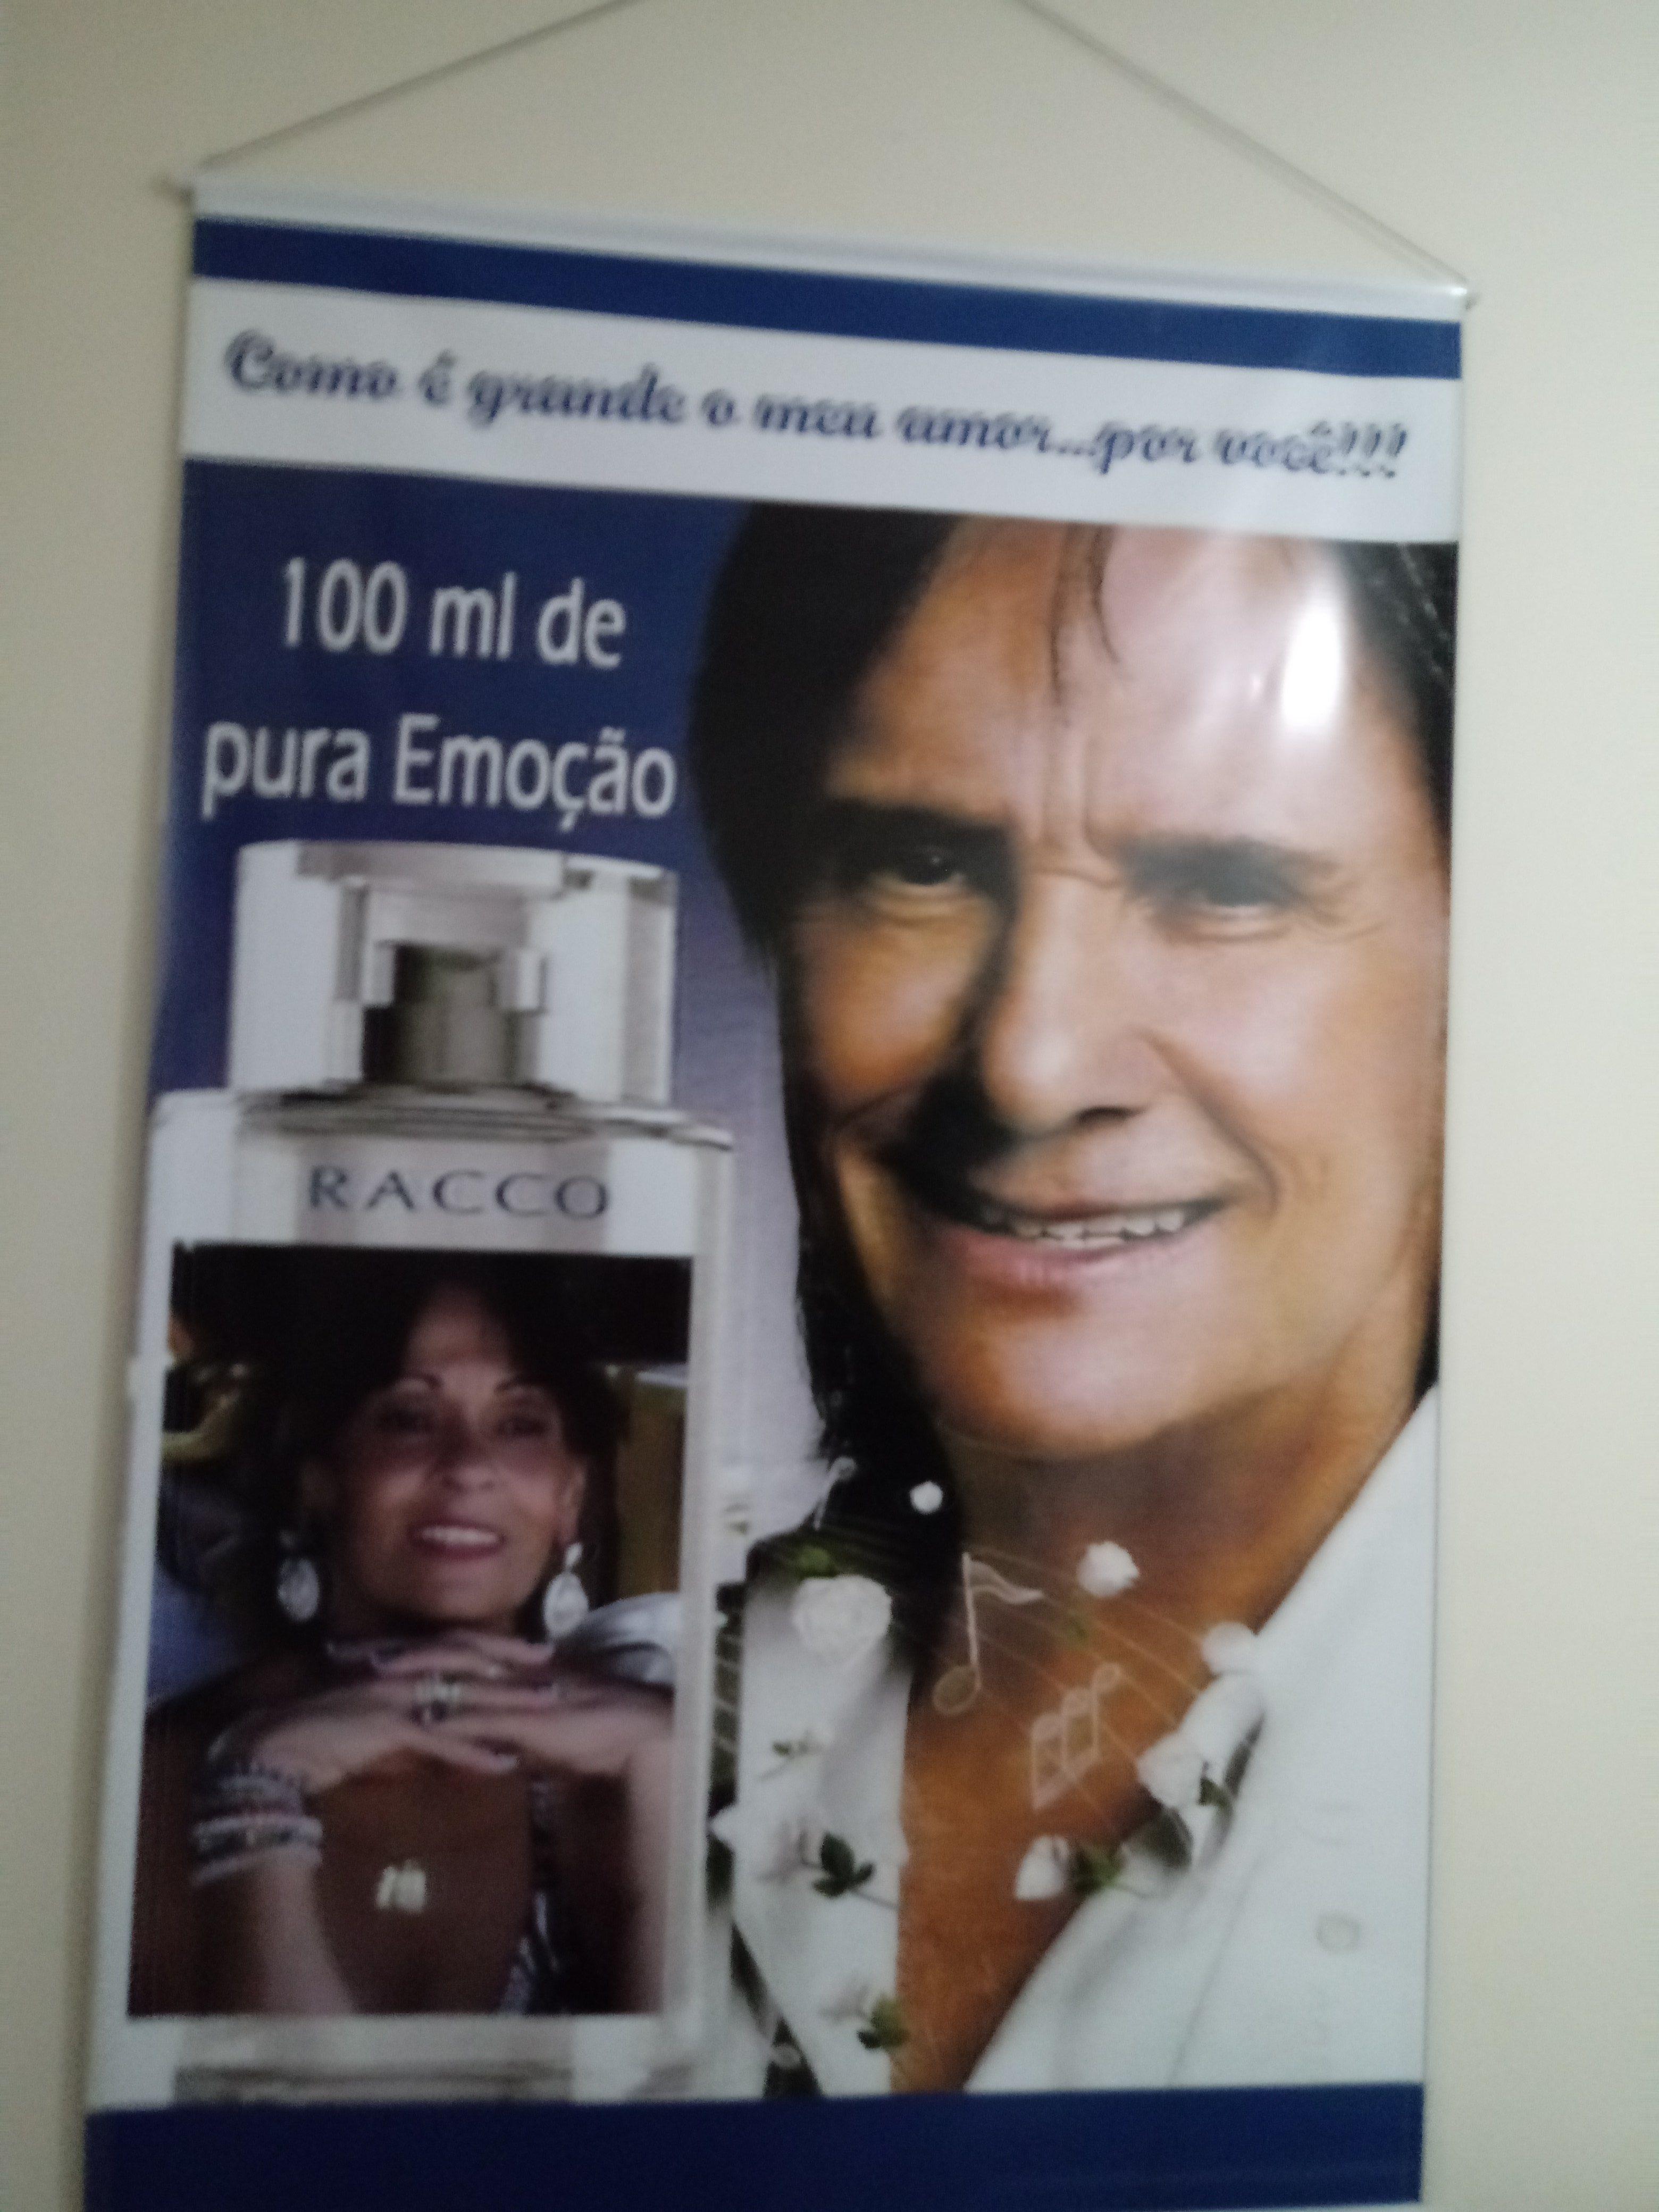 Jaqueline Cardoso Pinto - Minha mãe é muitoooo fã do Roberto Carlos! Hj ela